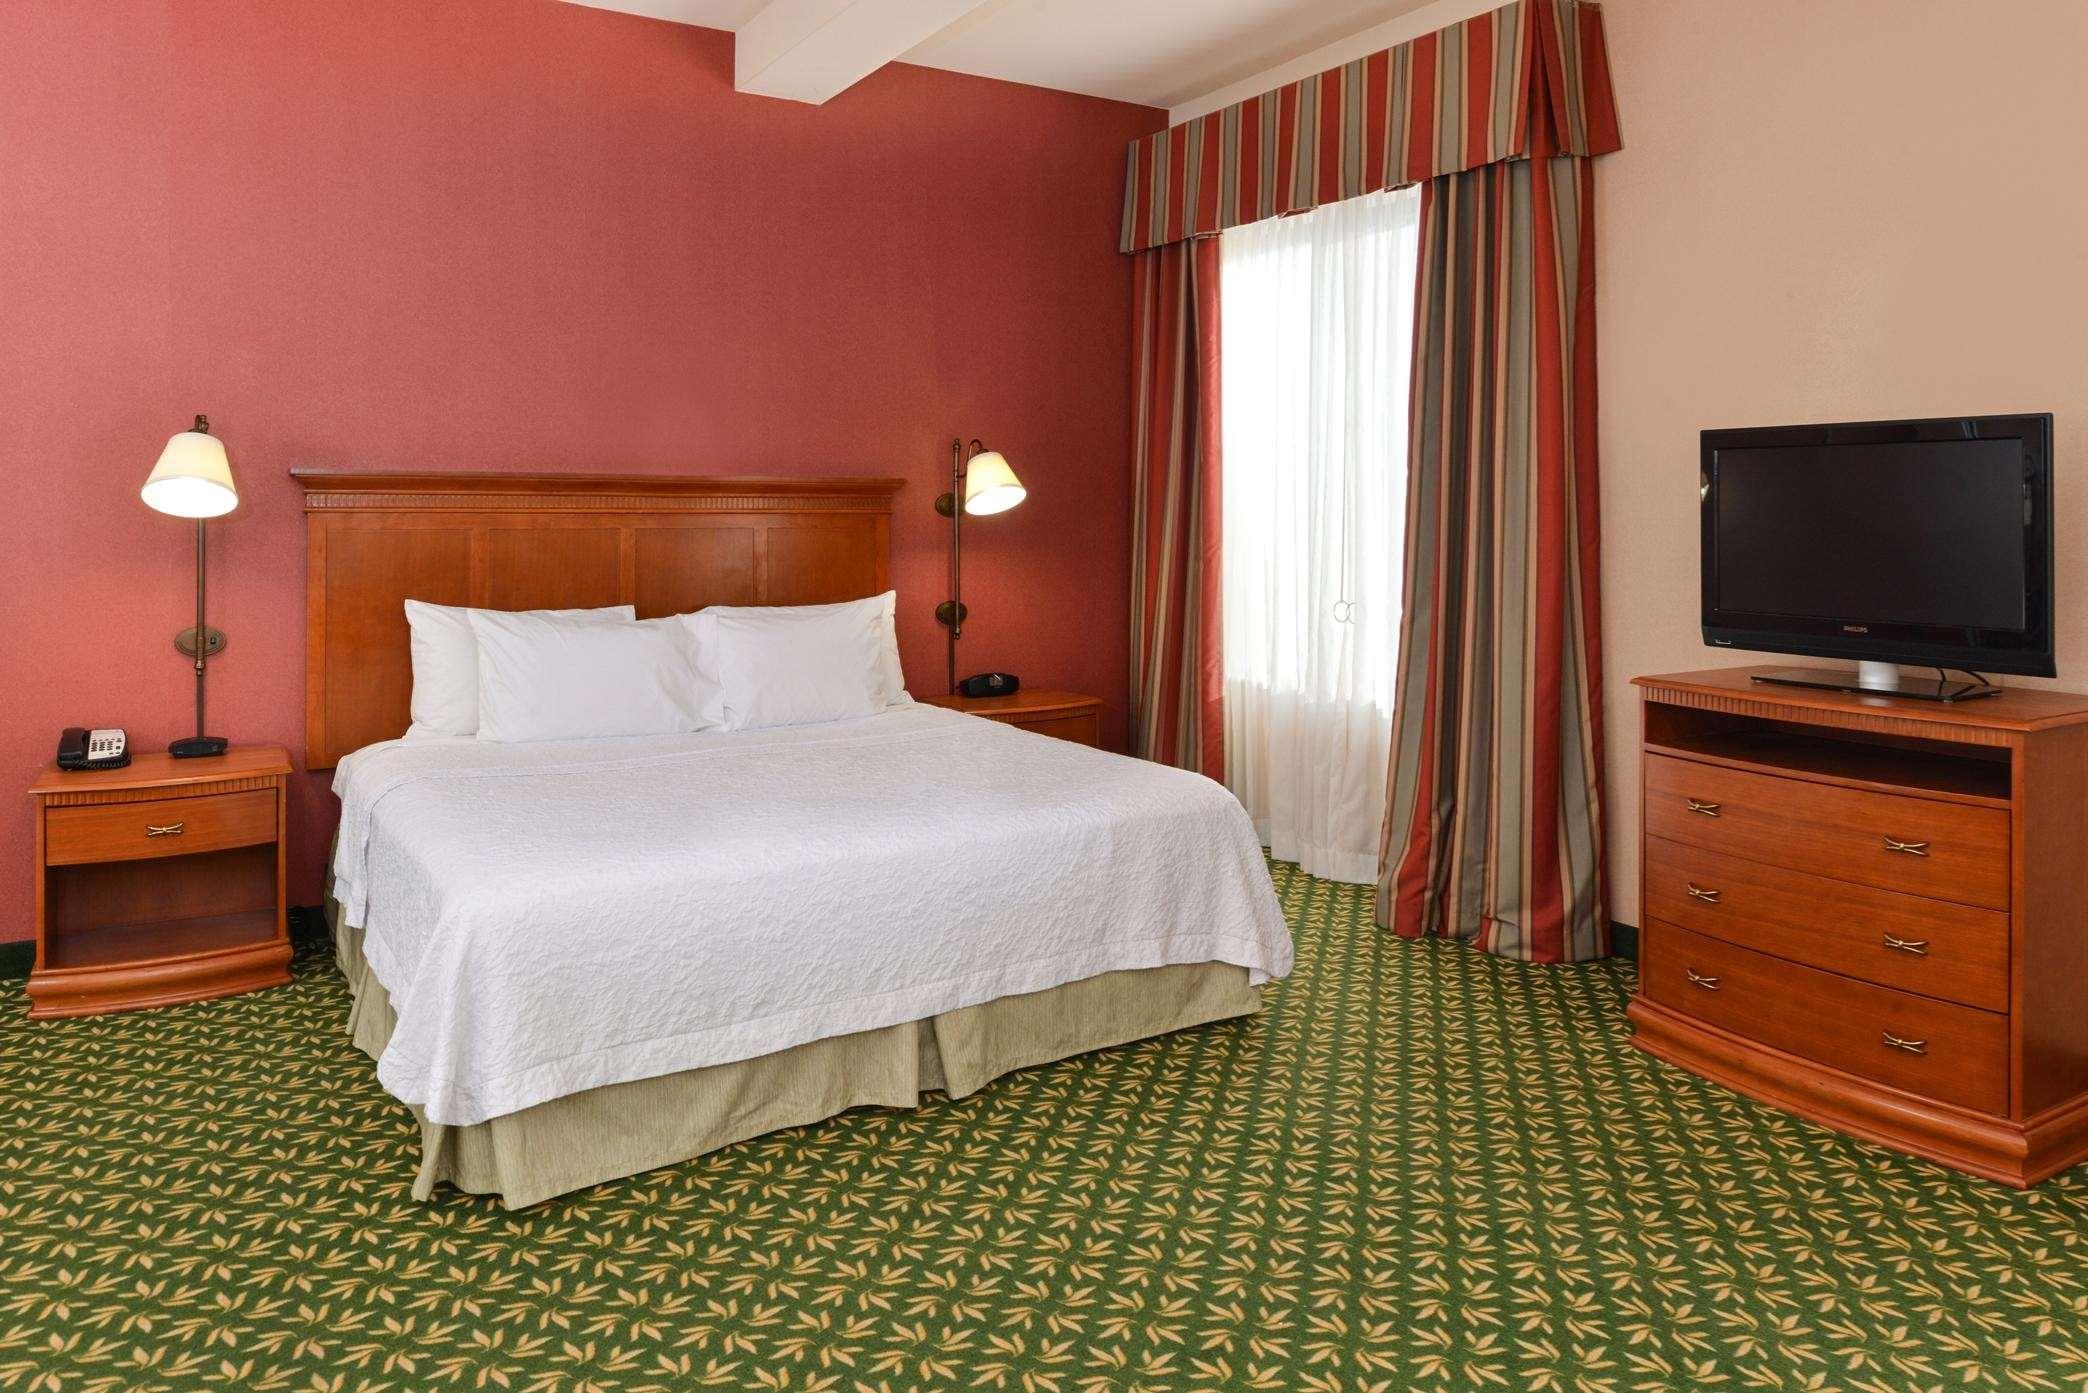 Hampton Inn & Suites Casper image 36